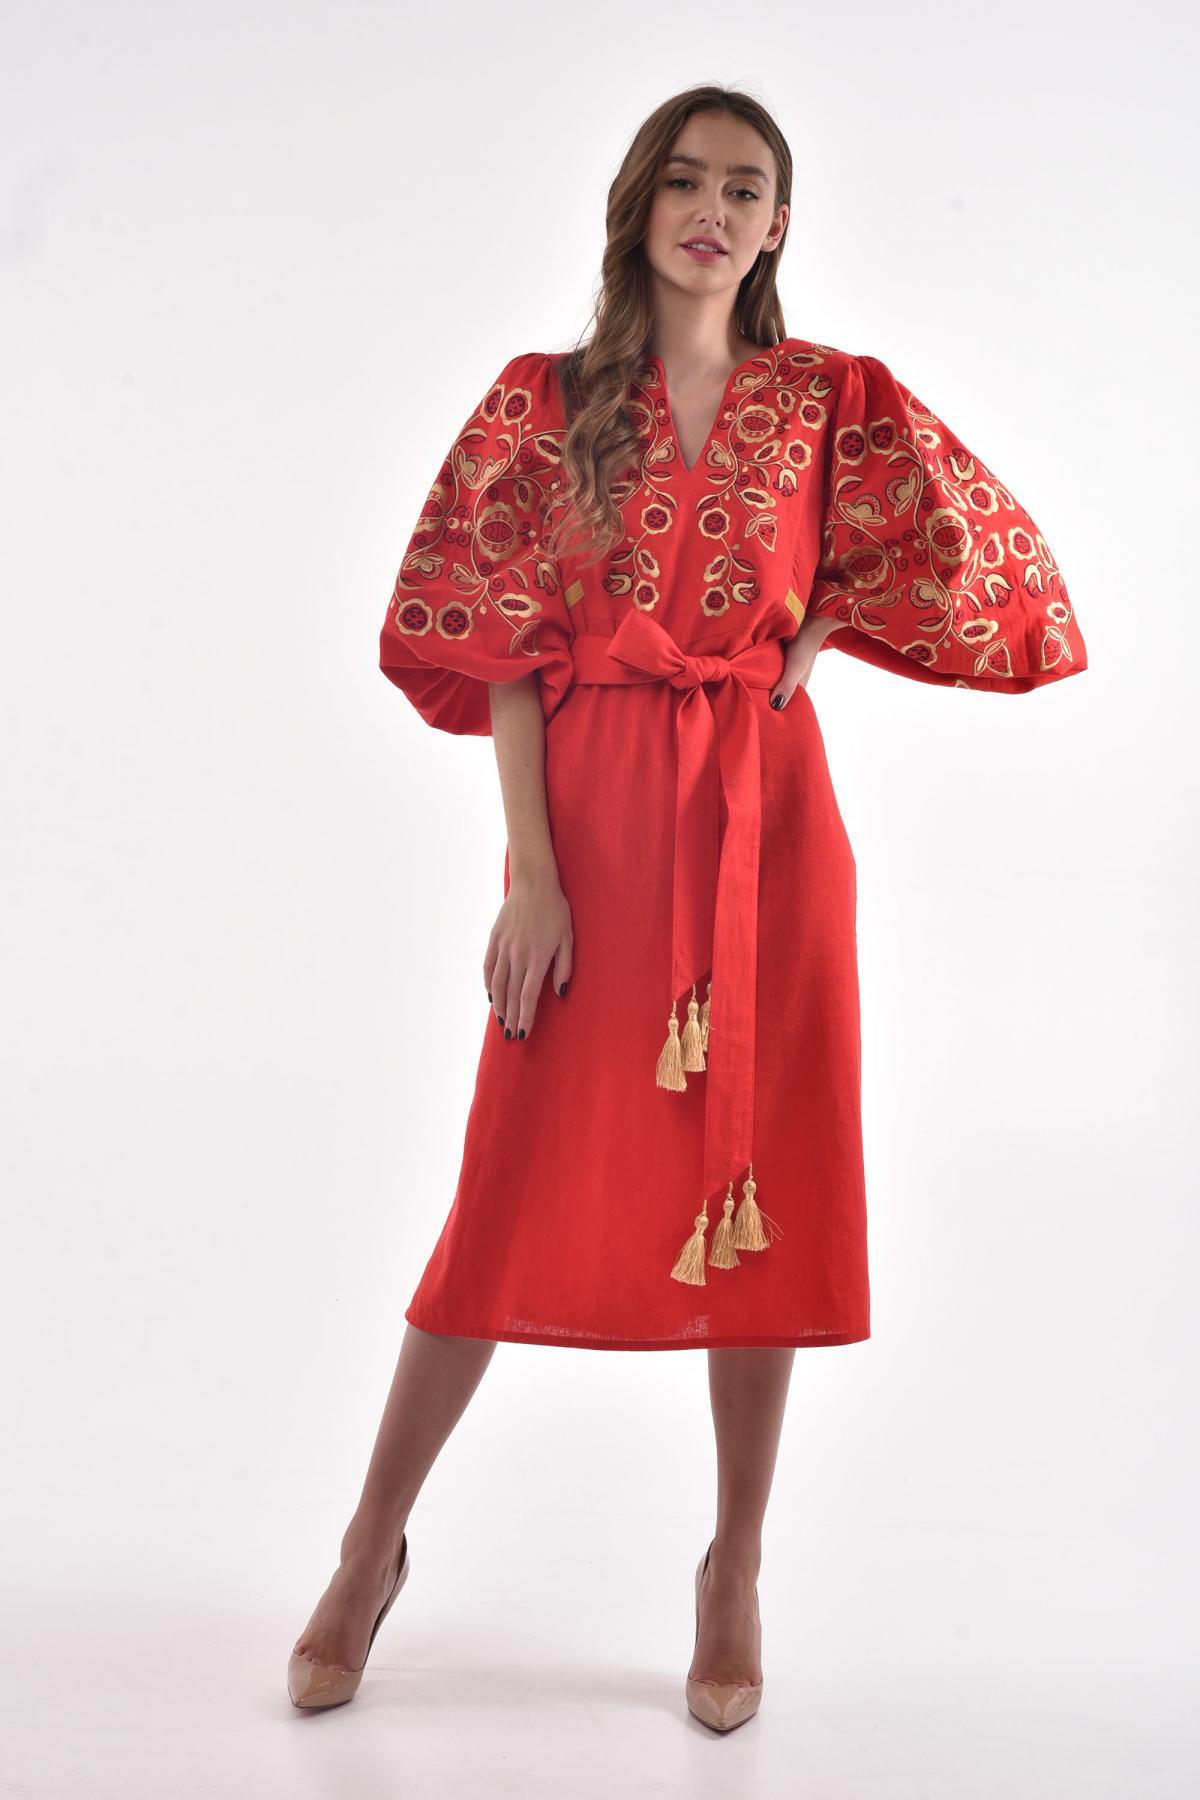 Платье вышитое «Находка» красное. Фото №2. | Народный дом Украина